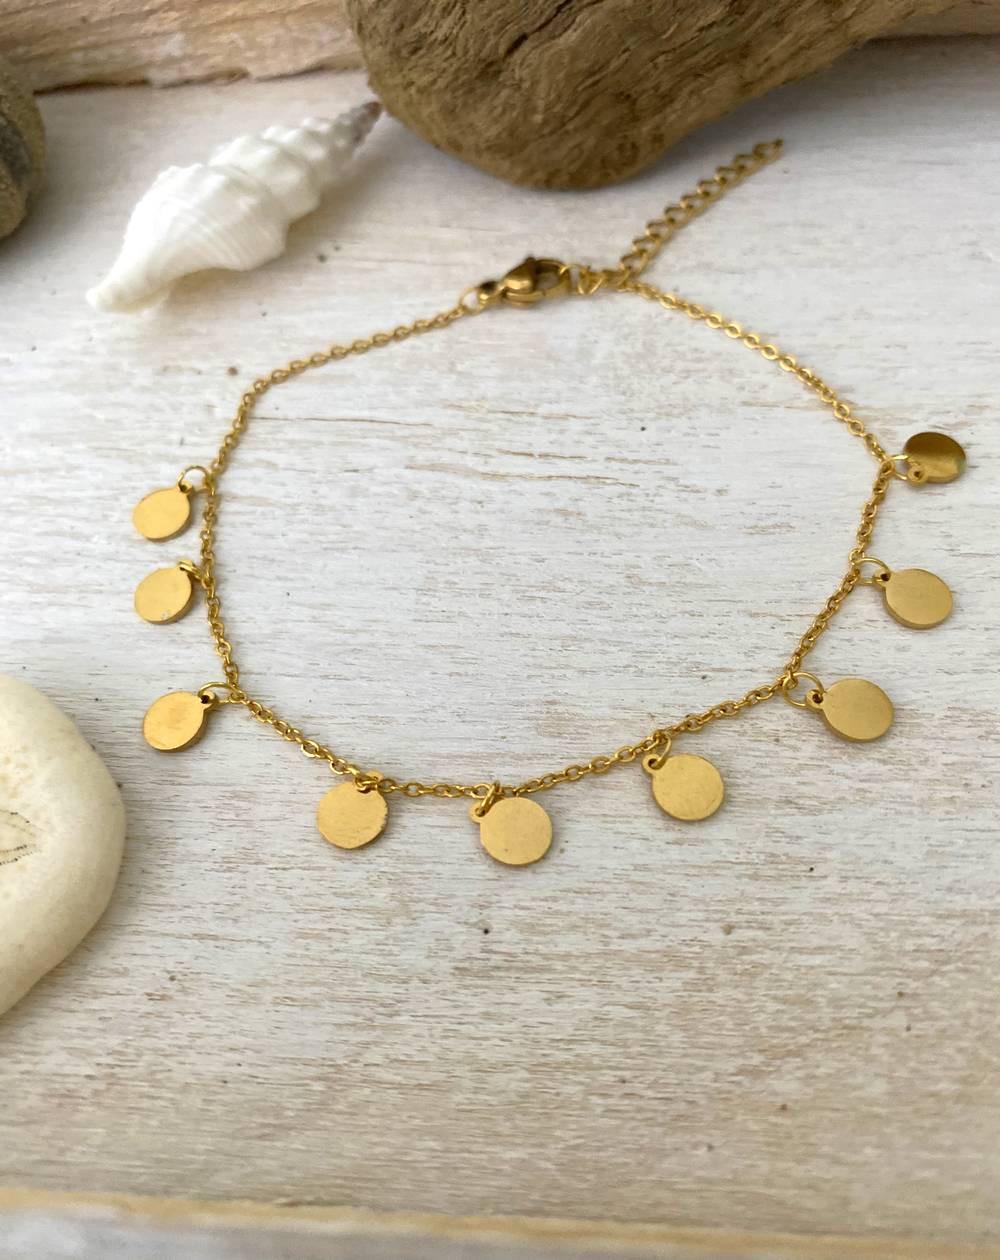 Bracelet aux 9 médaillons coloris doré en acier inoxydable